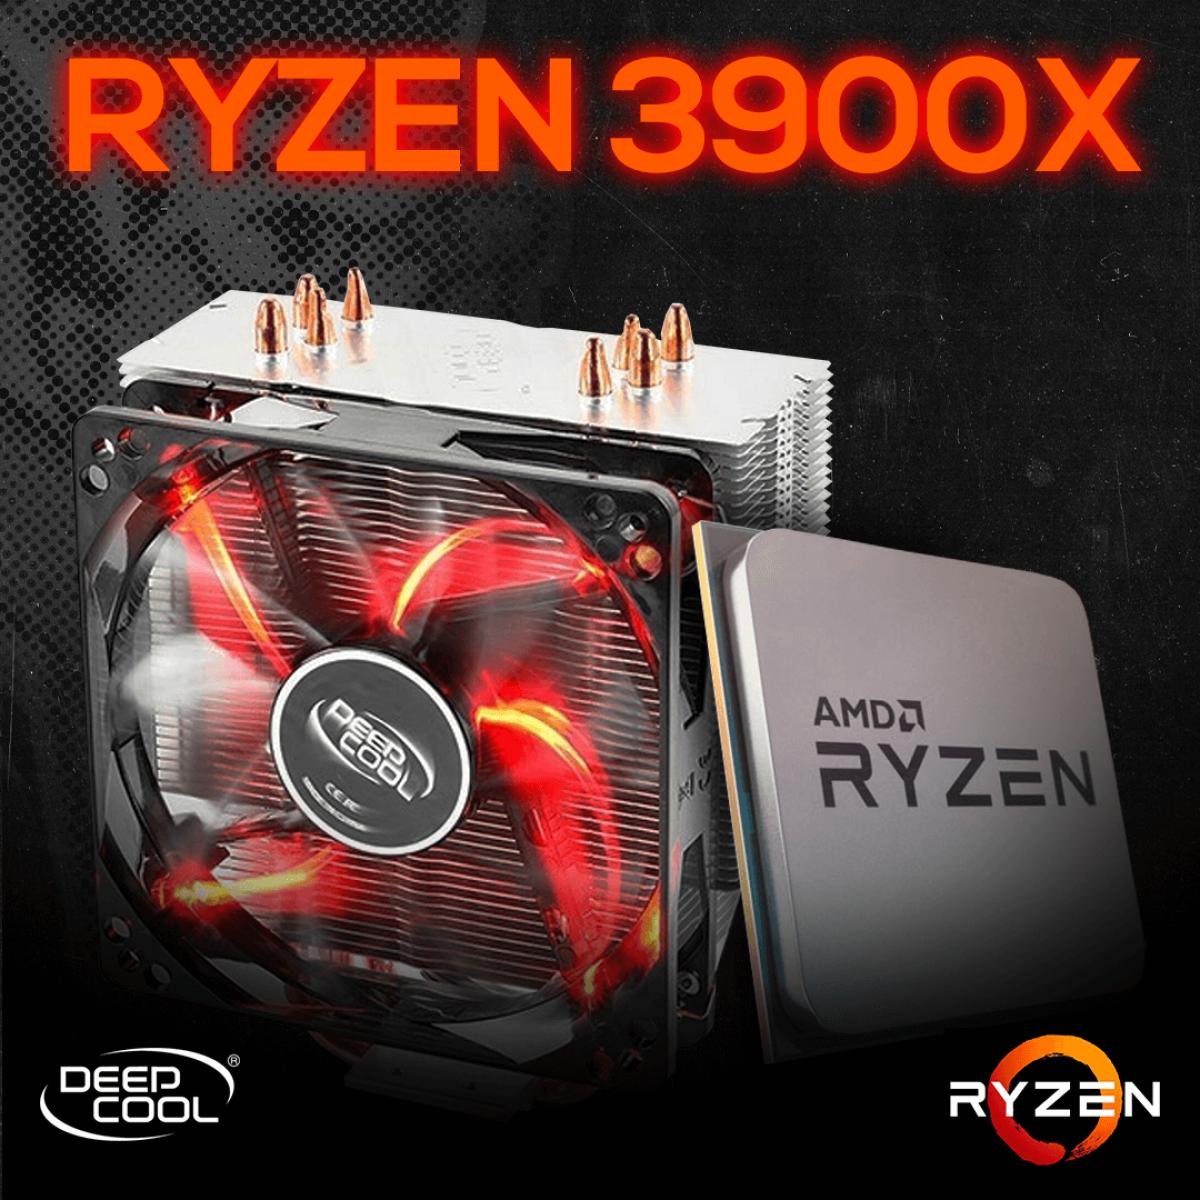 Kit Processador AMD Ryzen 9 3900x 3.8ghz (4.6ghz Turbo), 12-core 24-thread, + Cooler DeepCool Gammaxx 400